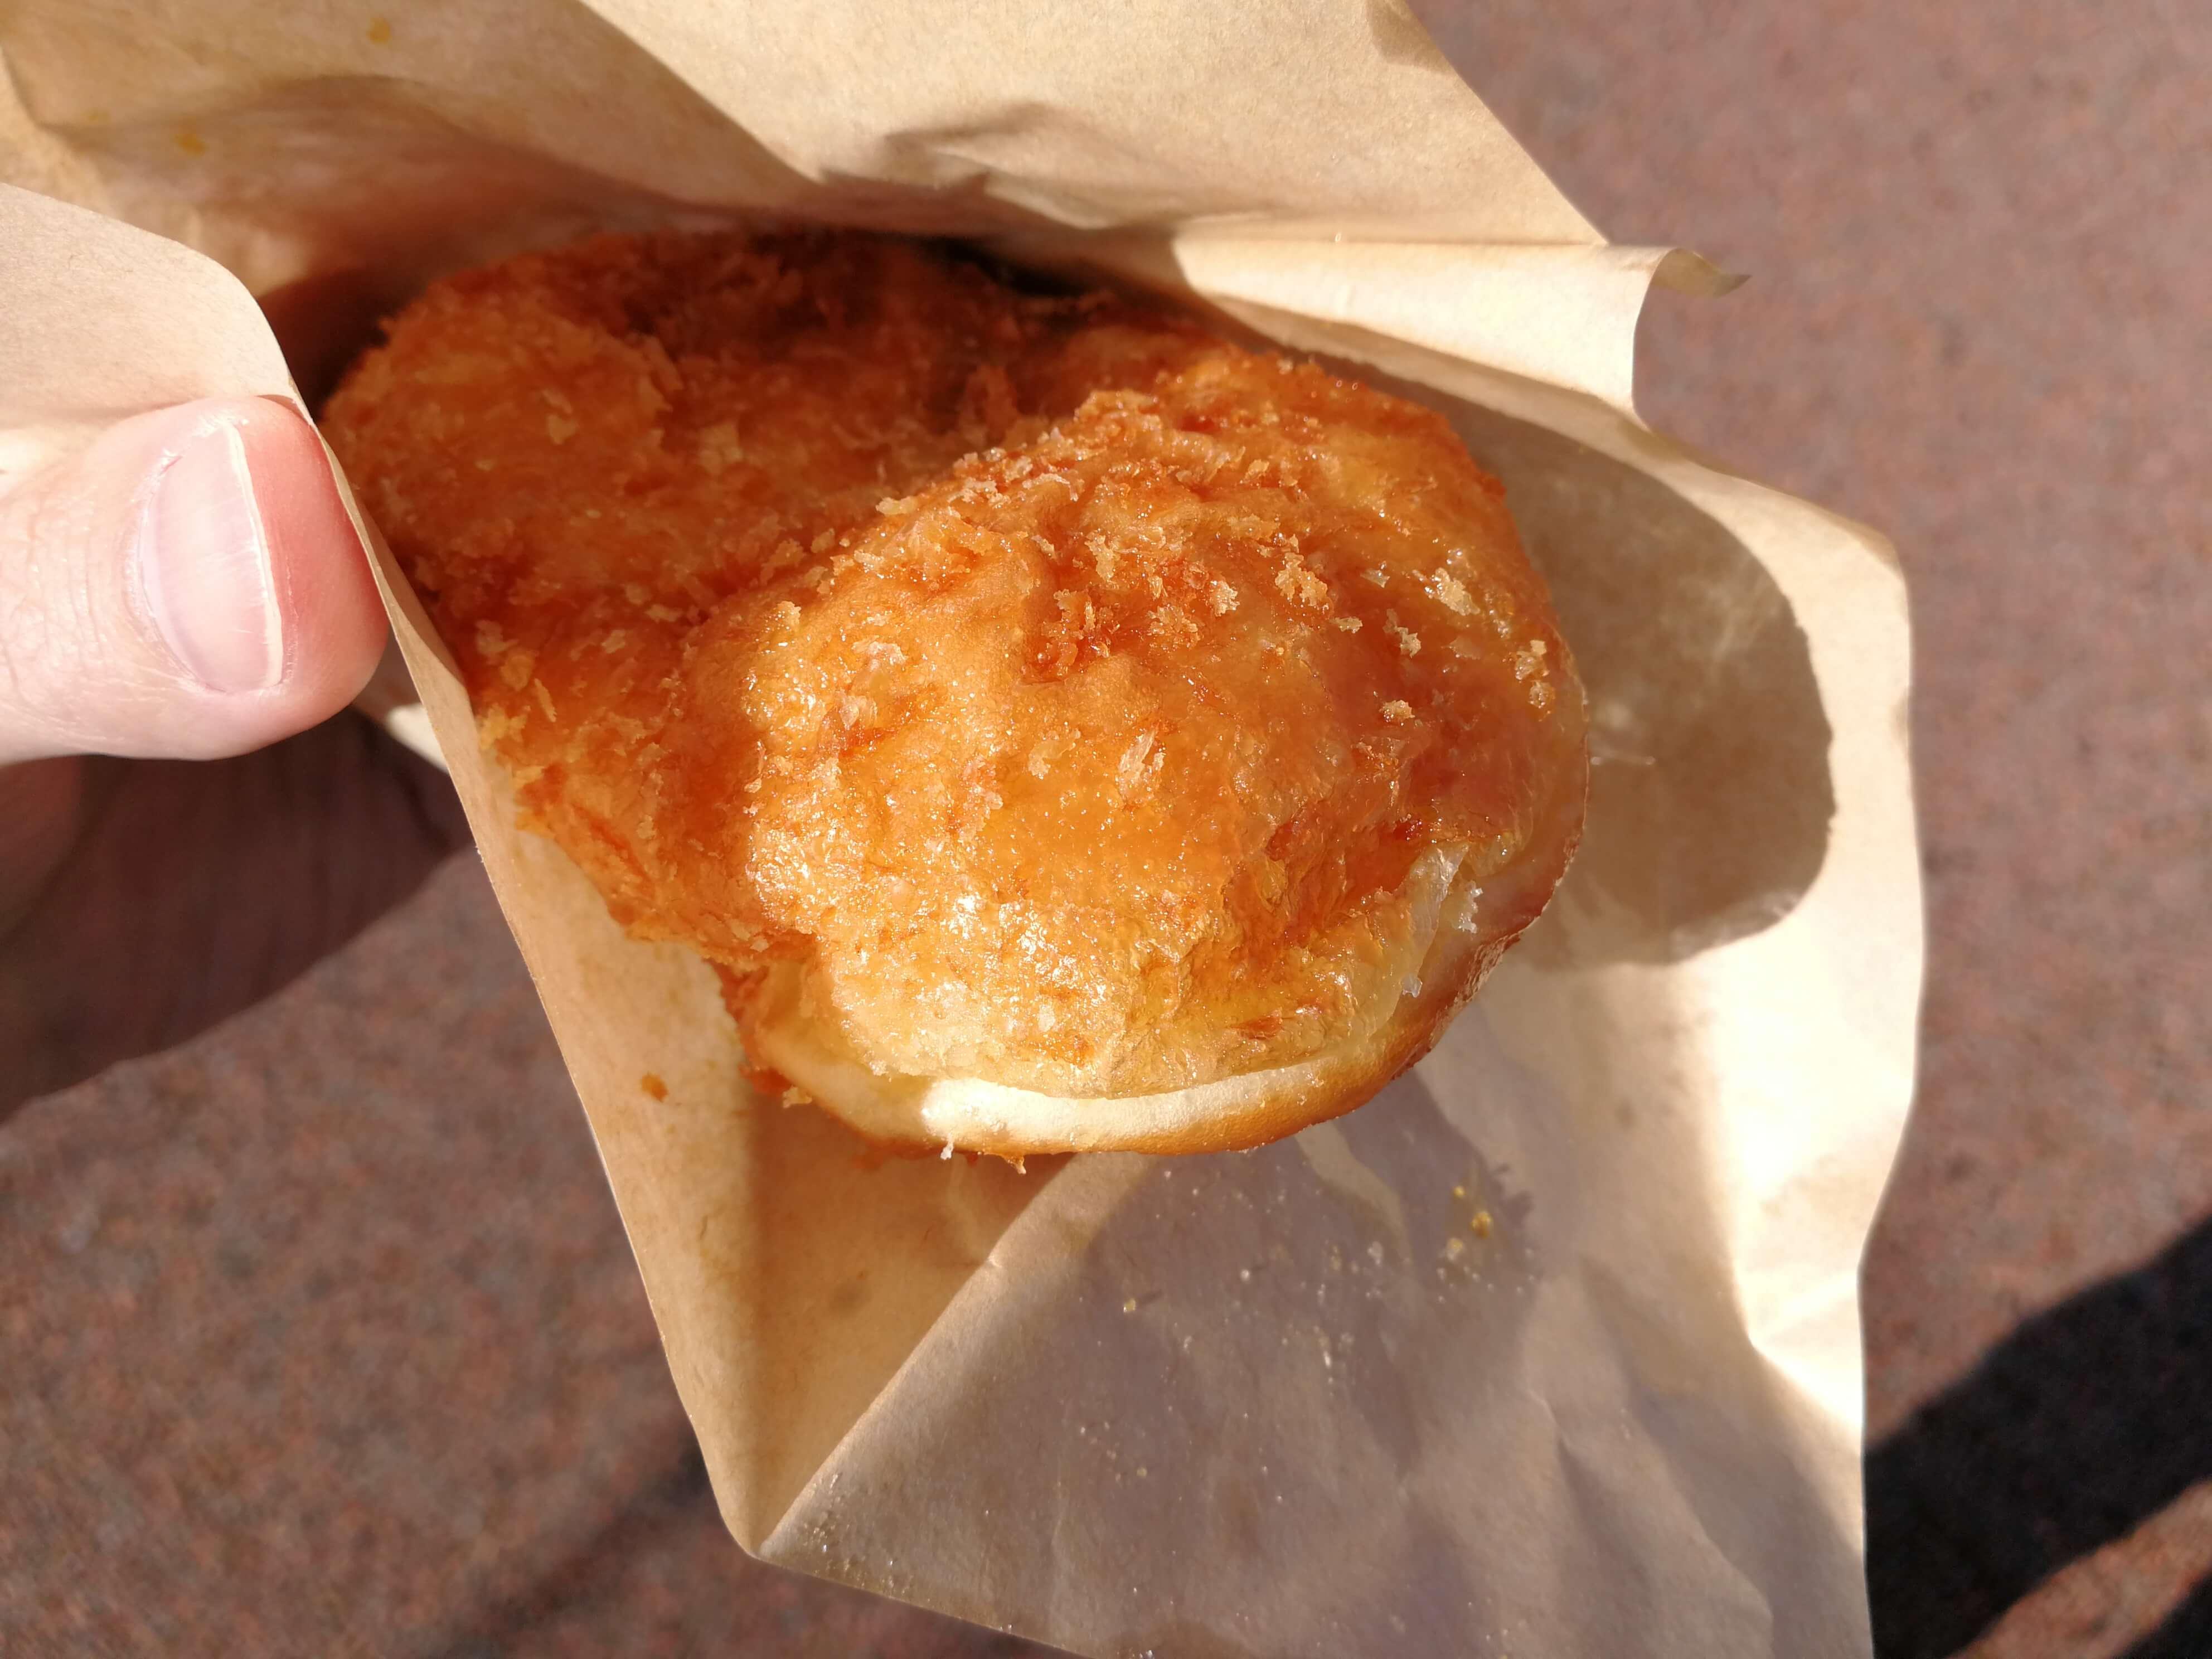 ブランジェタカマツ|金沢市でサクサクでチョー本格的なカレーパンを食べるならココ